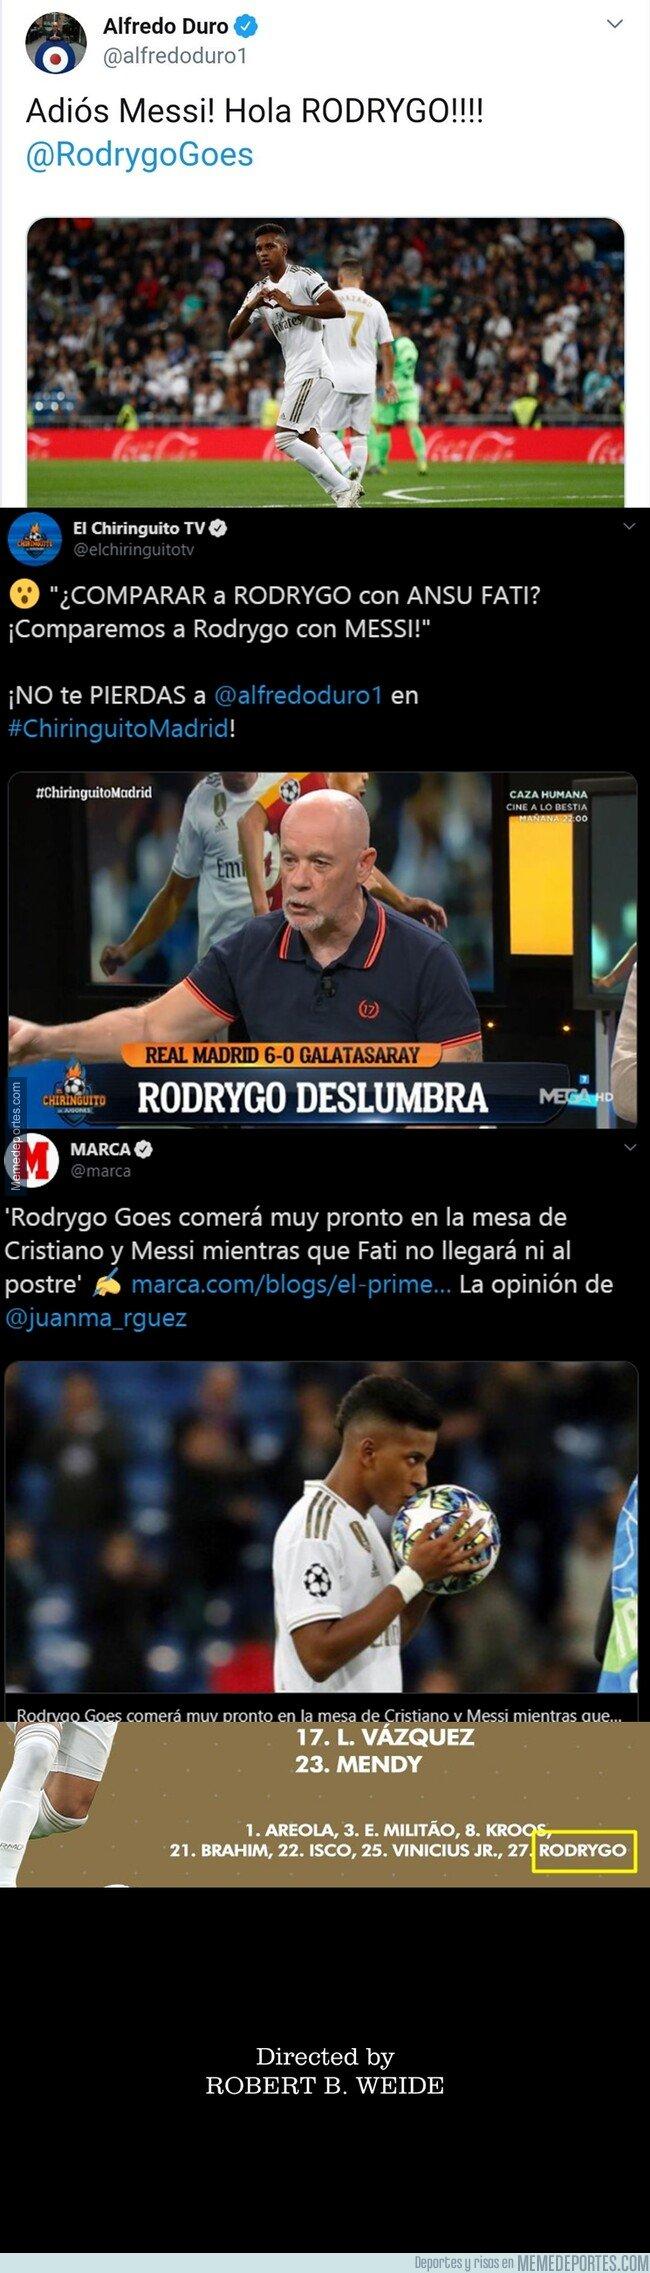 1090575 - ¿Es que Zidane no tiene twitter o qué?